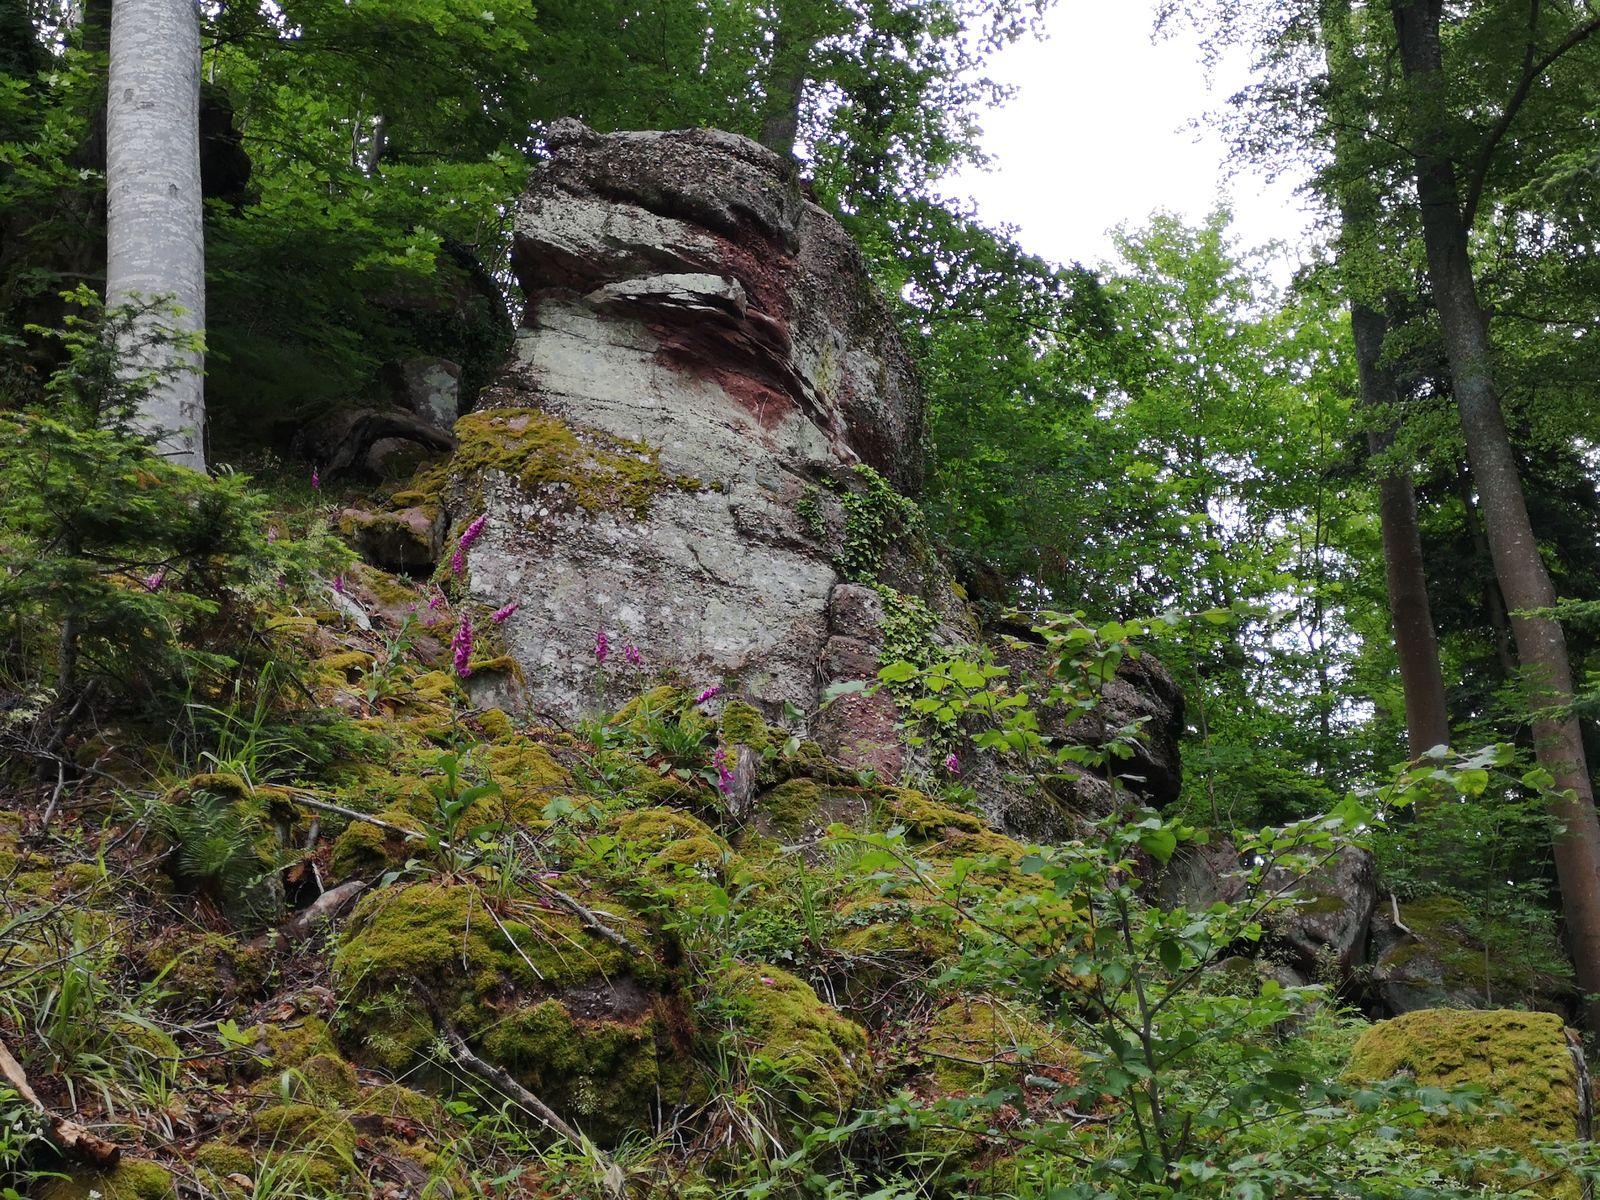 Trois châteaux sur mon circuit - Heidenschloss - Wangenbourg et Freudeneck - 07/06/2020